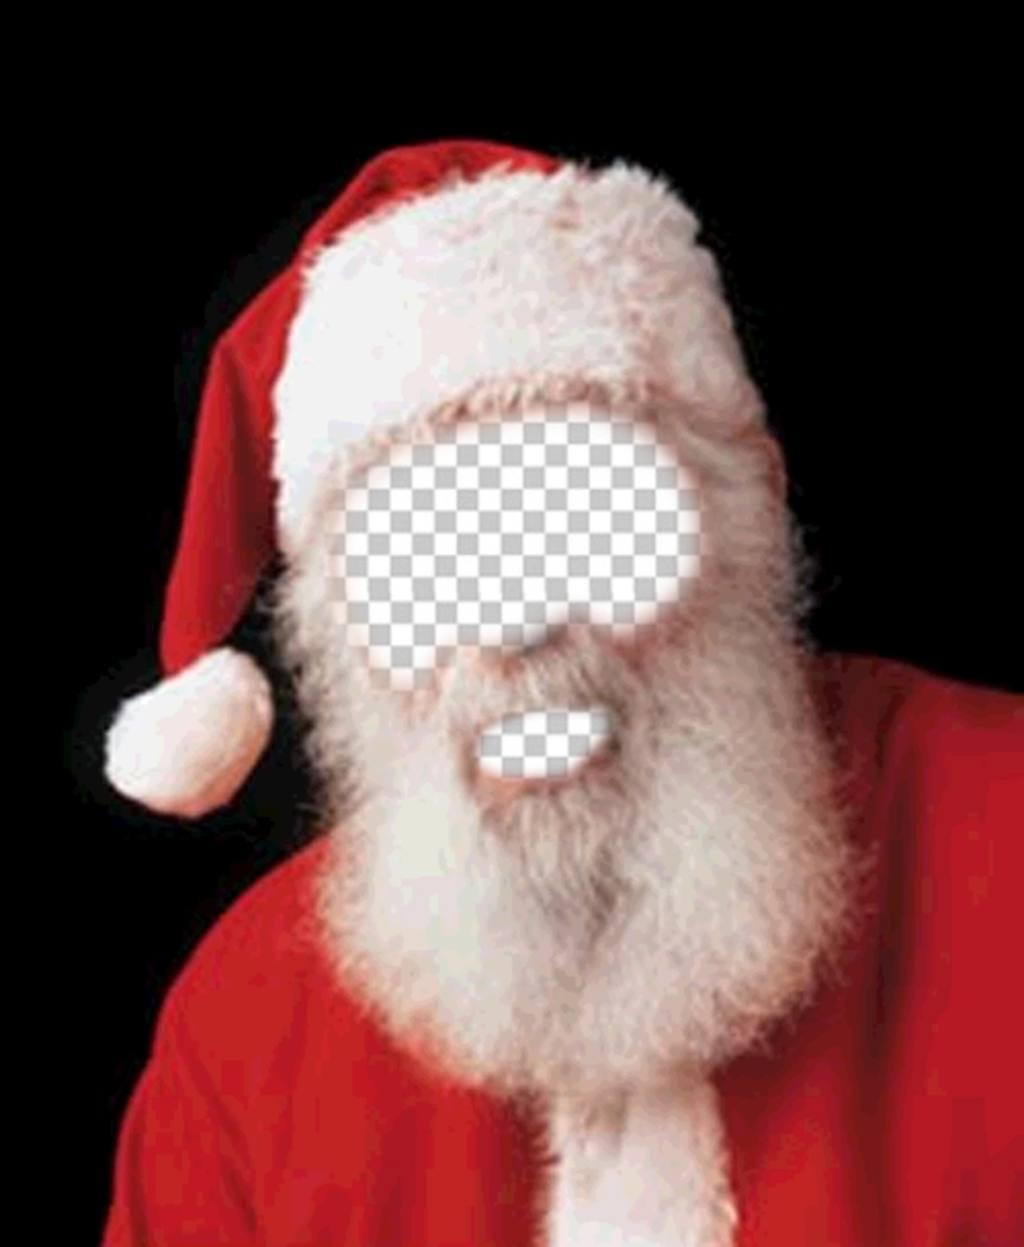 Montagem da foto da fantasia de Papai Noel para o Natal